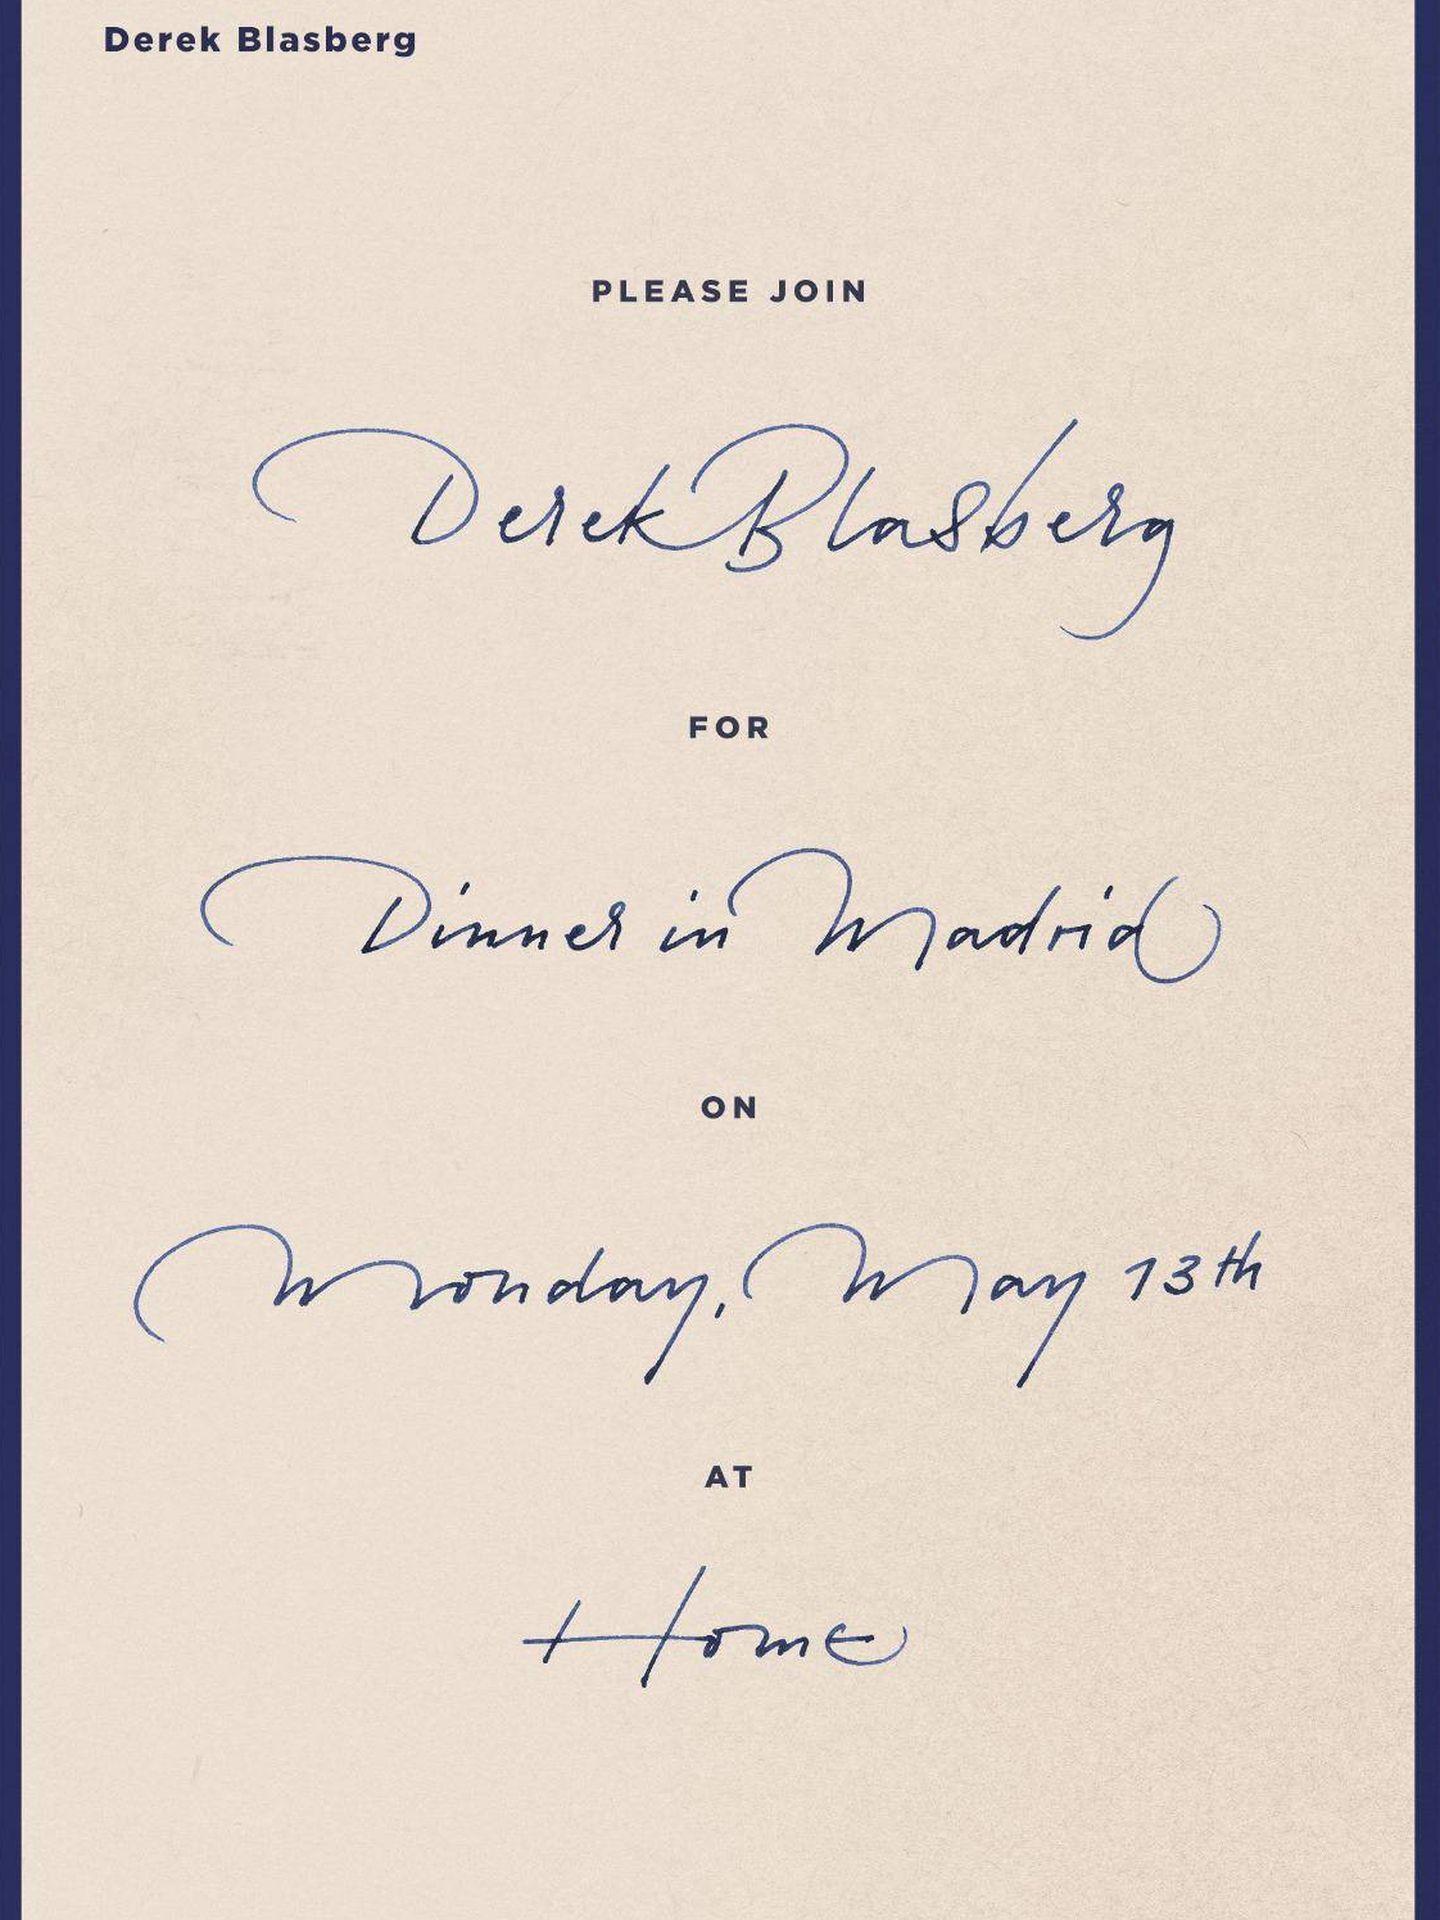 Invitación a la exclusiva cena de Derek Blasberg. (Vanitatis)